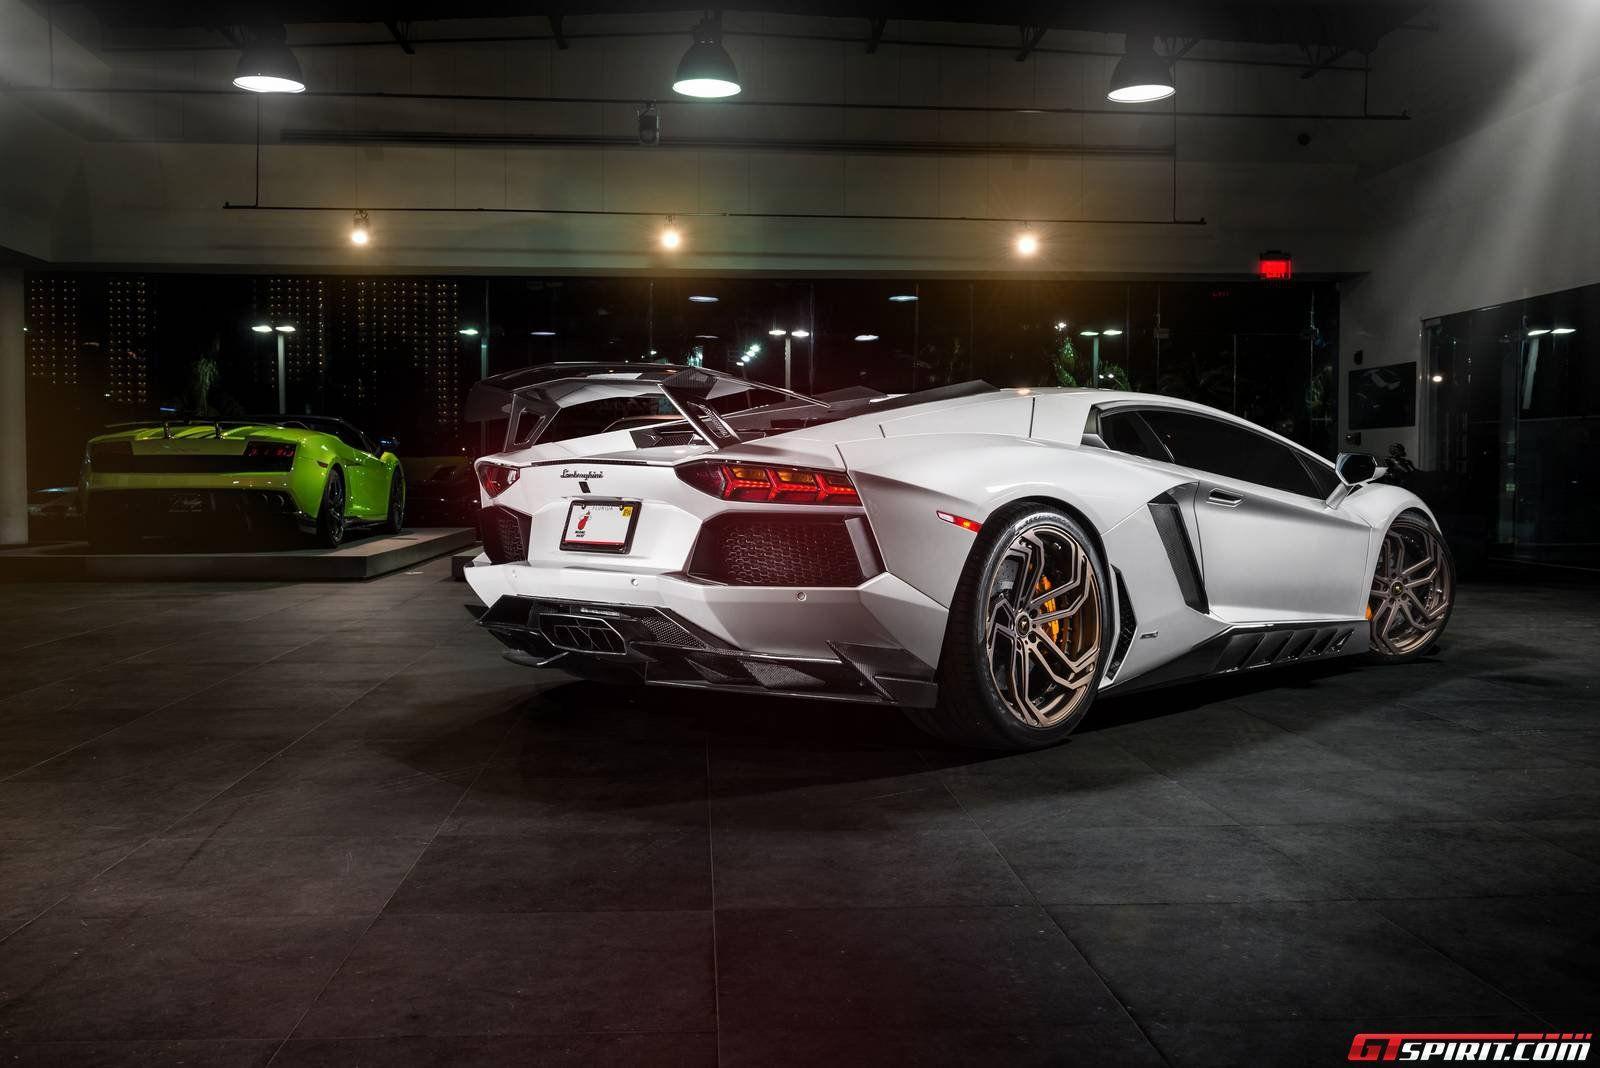 Official Adv 1 And Novitec Torado Nl2 Wheels For Aventador